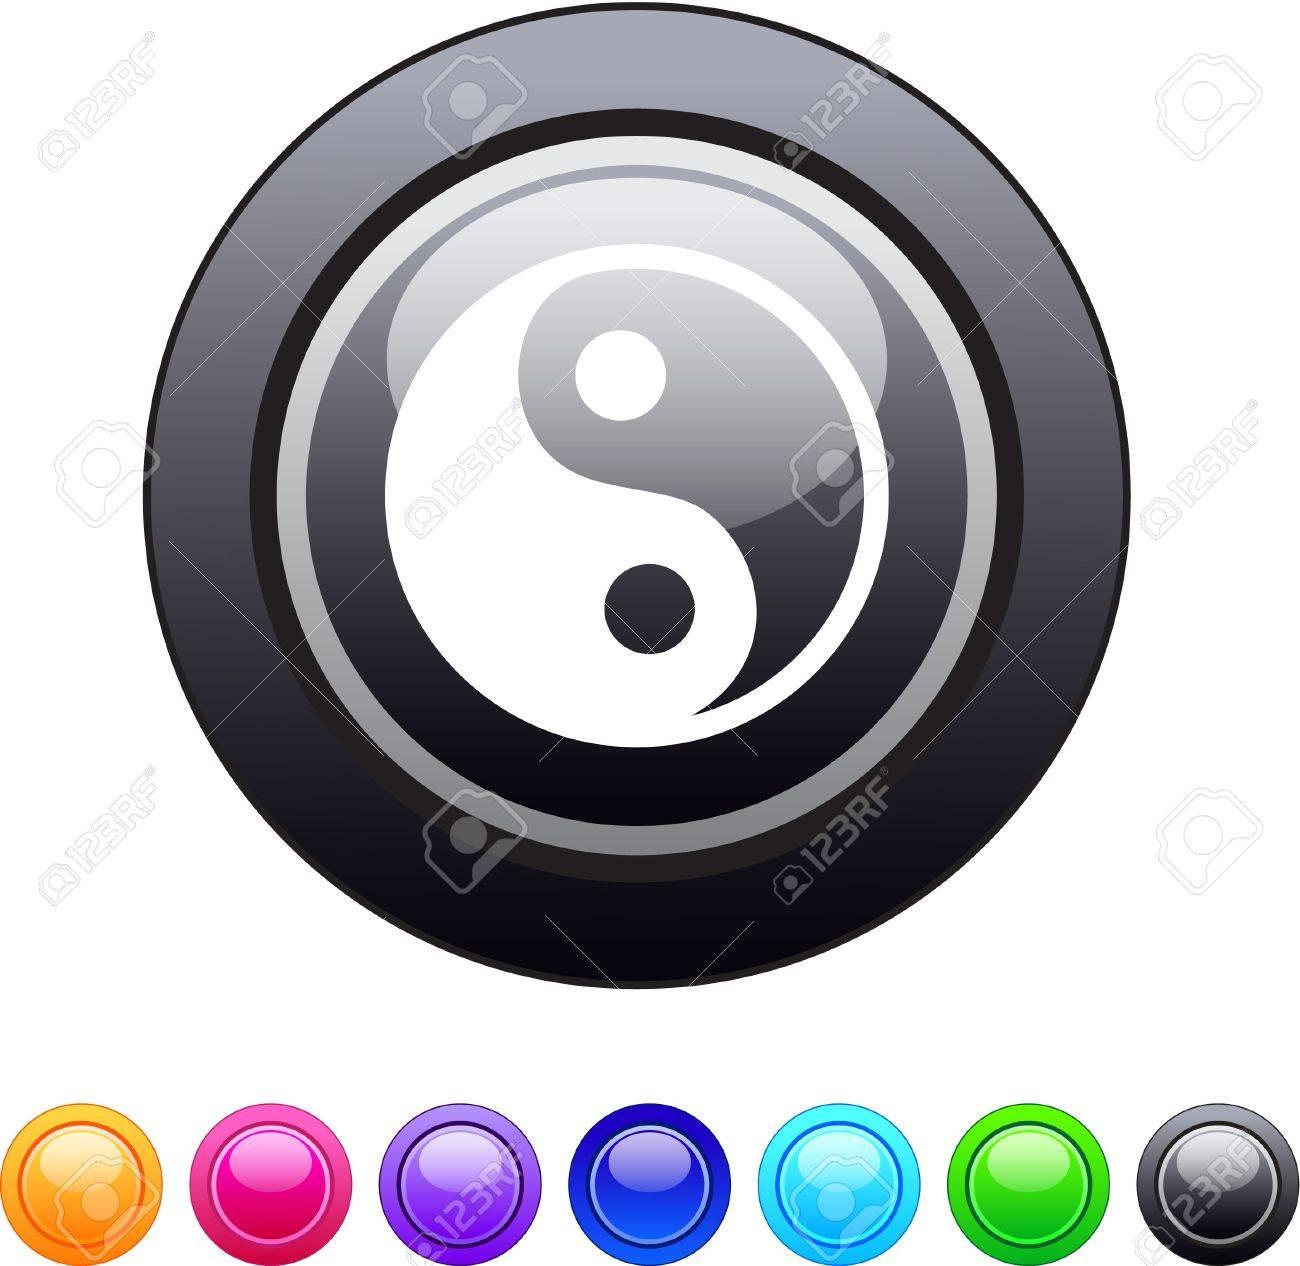 Ying yang glossy circle web buttons. Stock Vector - 7326404